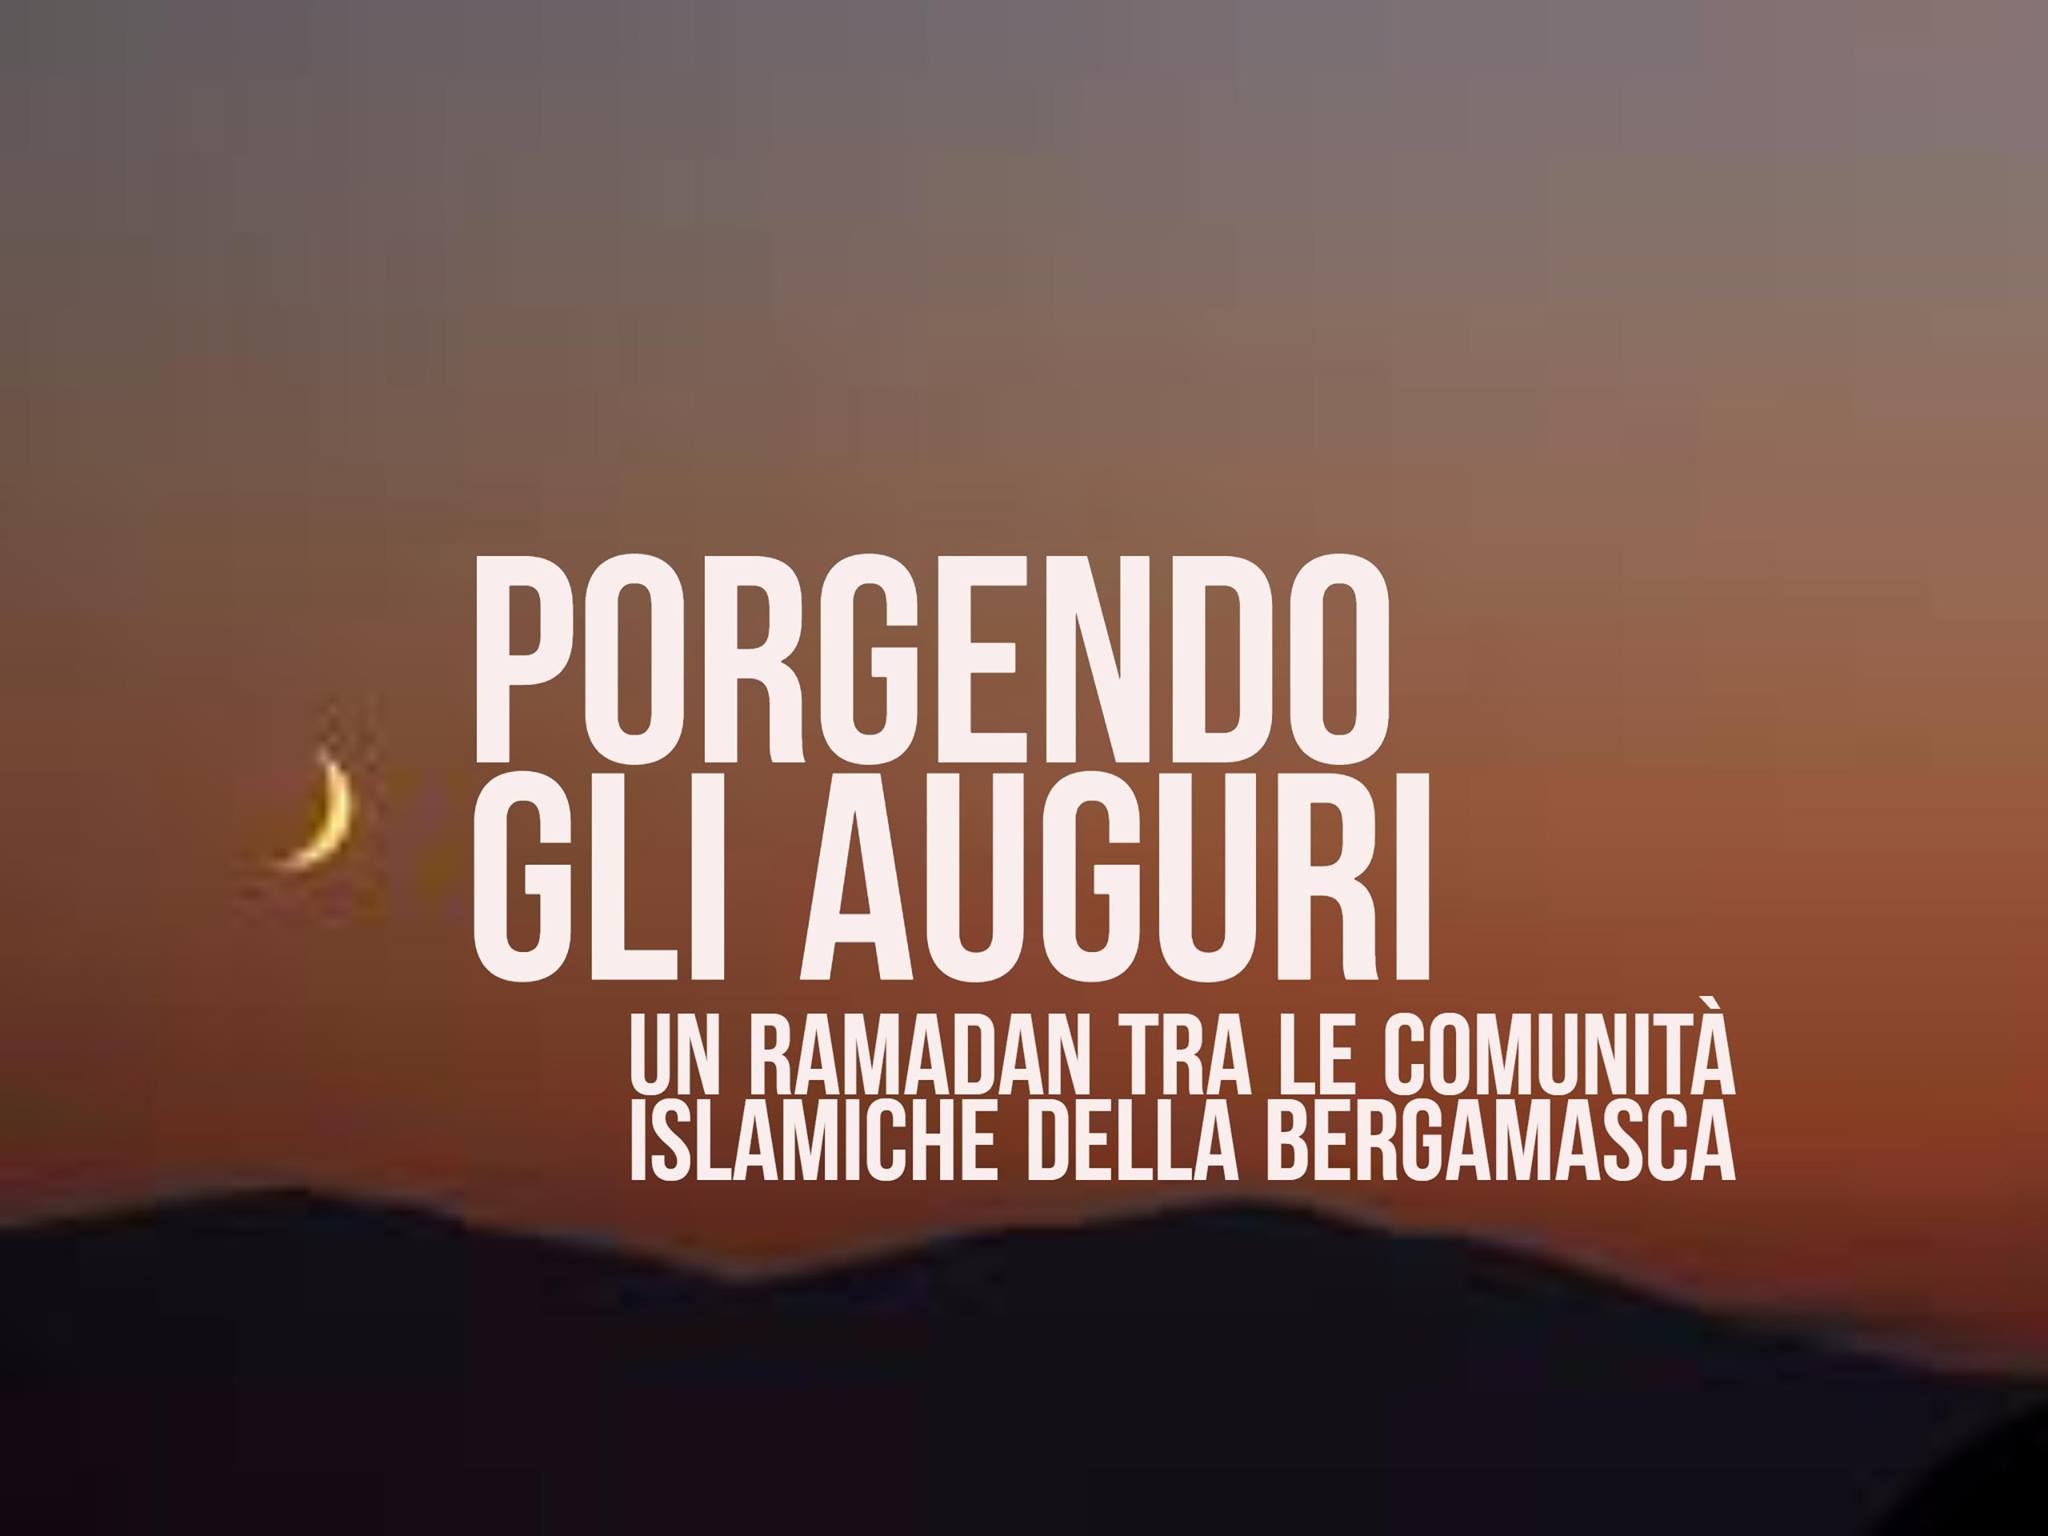 Porgendo gli auguri: un Ramadan tra le comunità islamiche della bergamasca